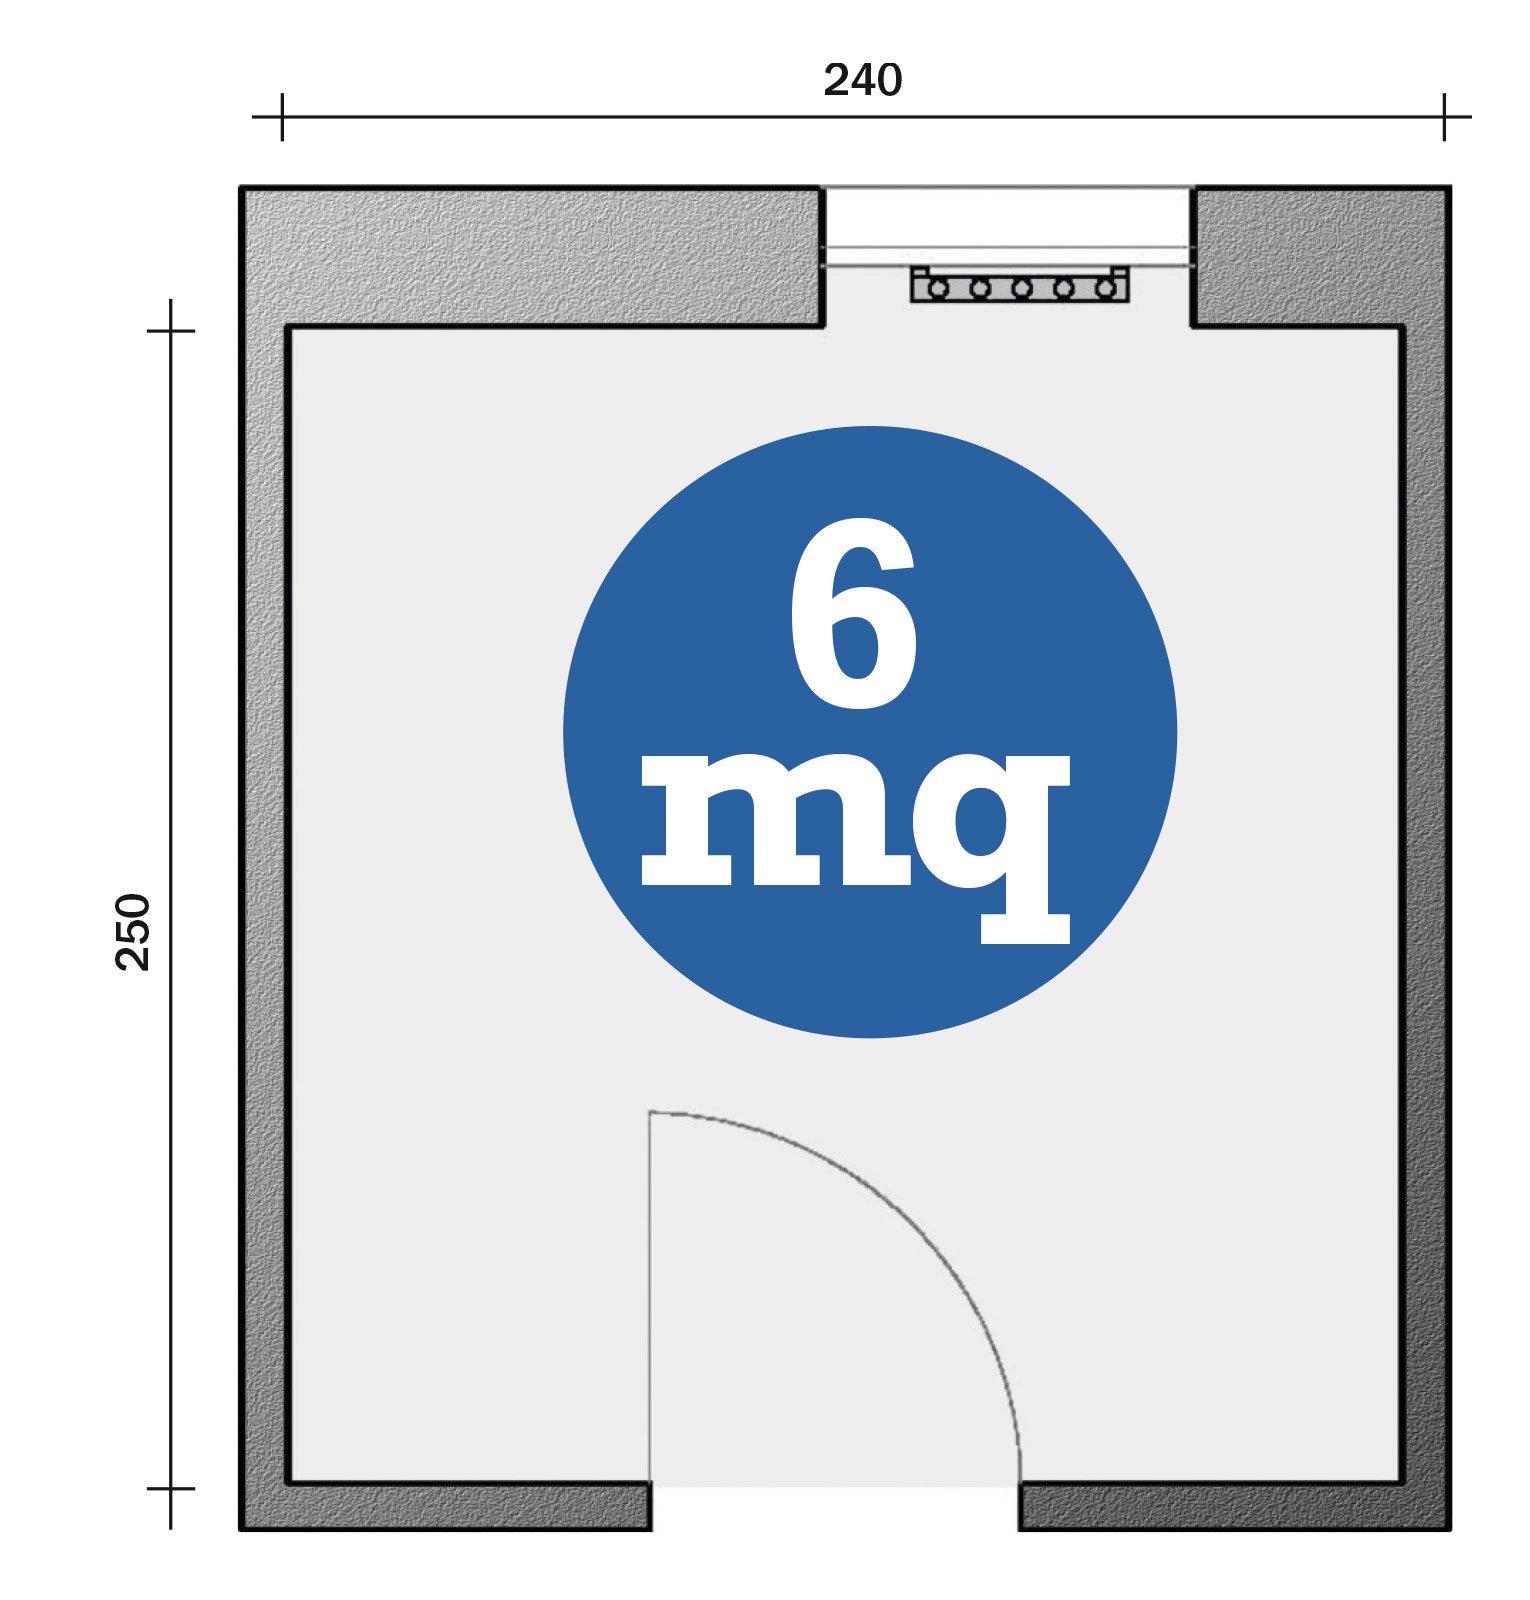 Bagno con pianta del progetto e costi dei lavori prima soluzione cose di casa - Termoarredo per bagno 6 mq ...